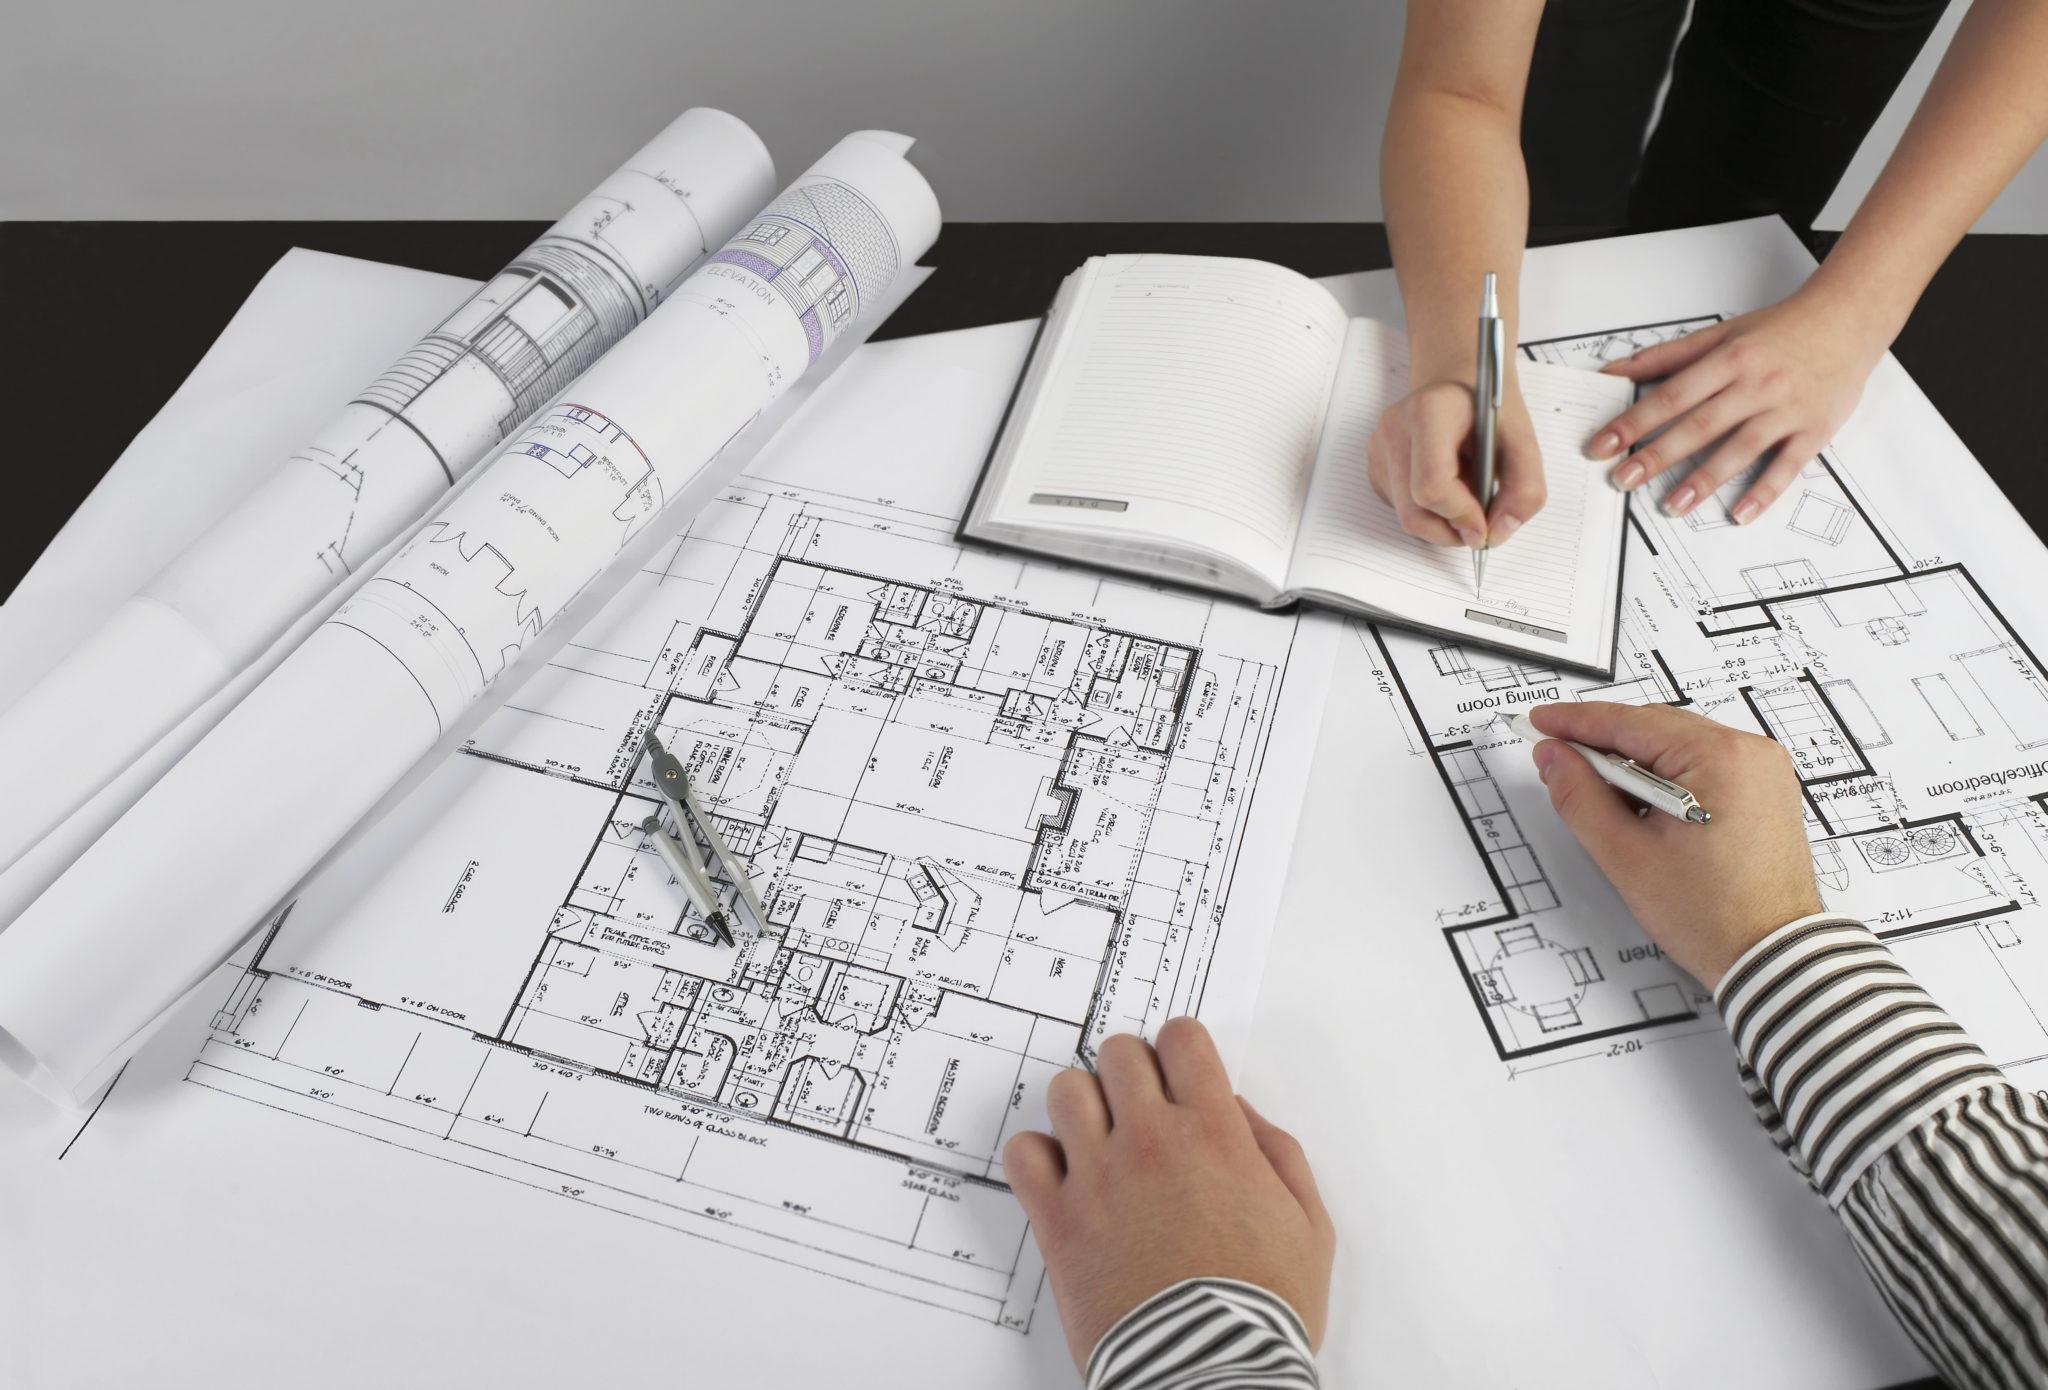 Объявлен тендер на строительство новой штаб-квартиры Департамента земельных ресурсов и землеустройства Кипра